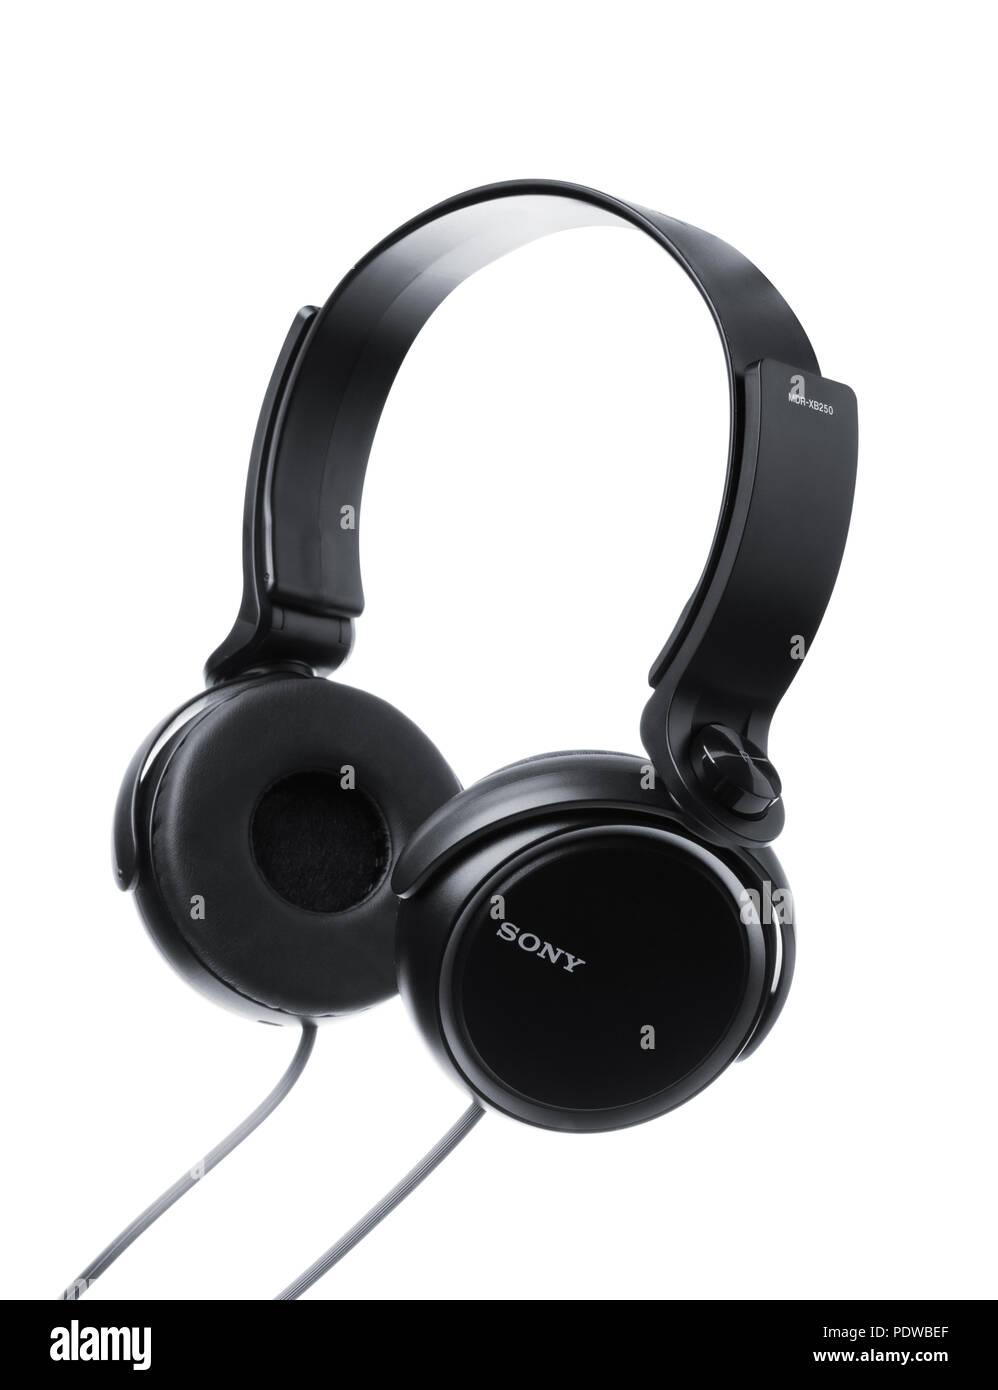 SAMARA, Russland - Januar 6, 2018: Schwarz Sony Kopfhörer auf weißem Hintergrund isoliert, illustrative Editorial Stockbild